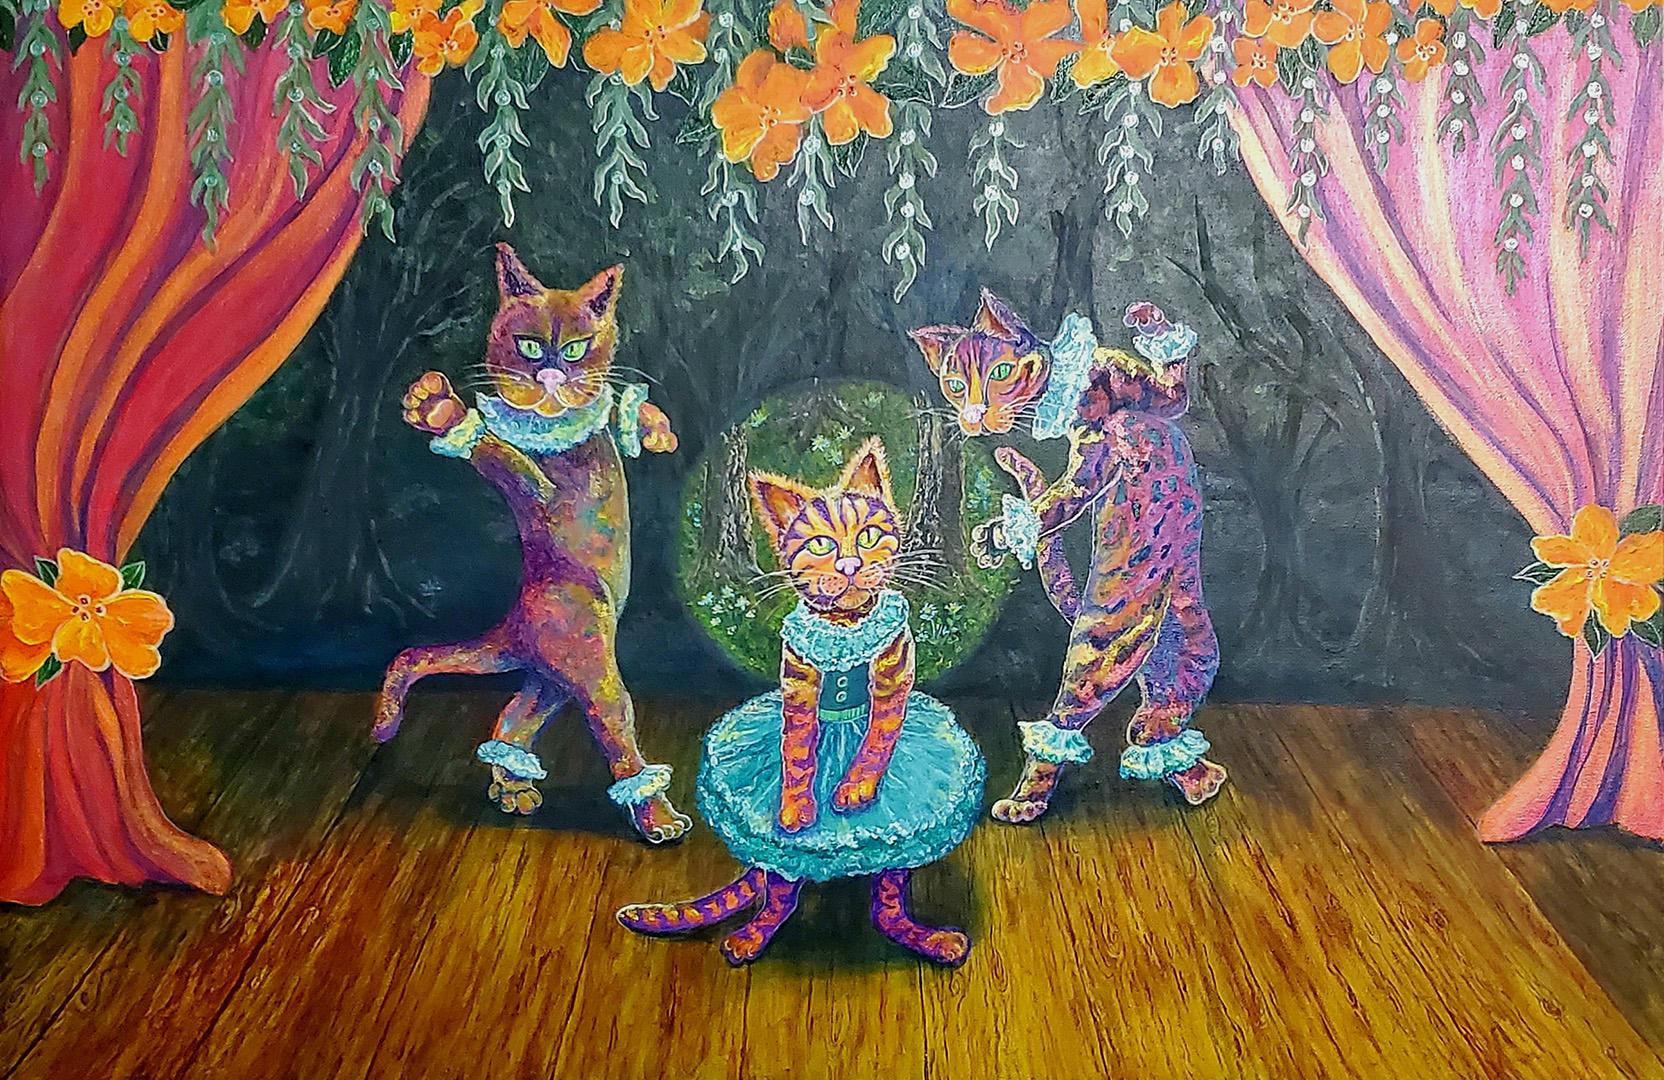 The Kitty Ballet